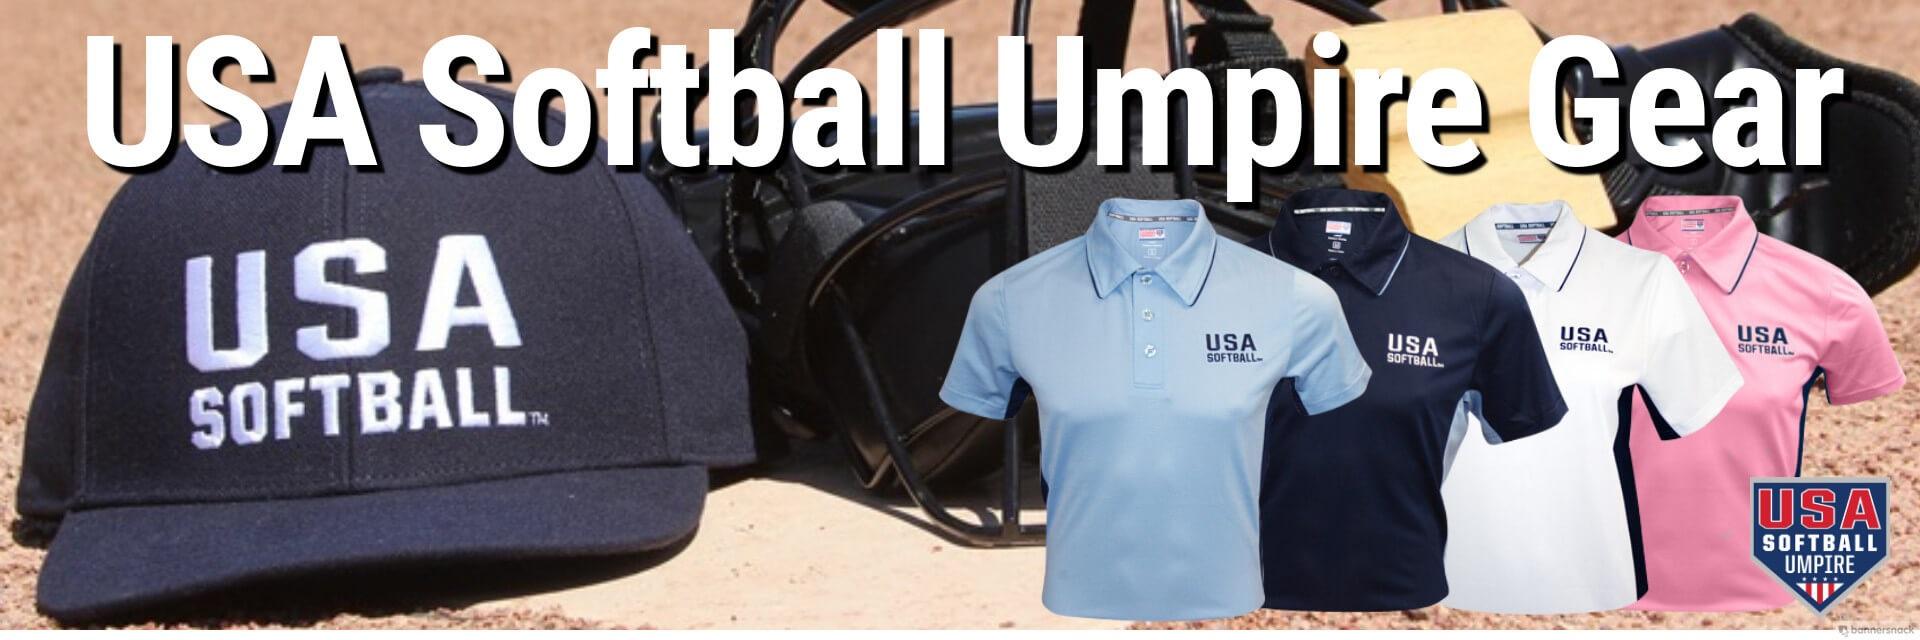 USA Softball Umpire Gear